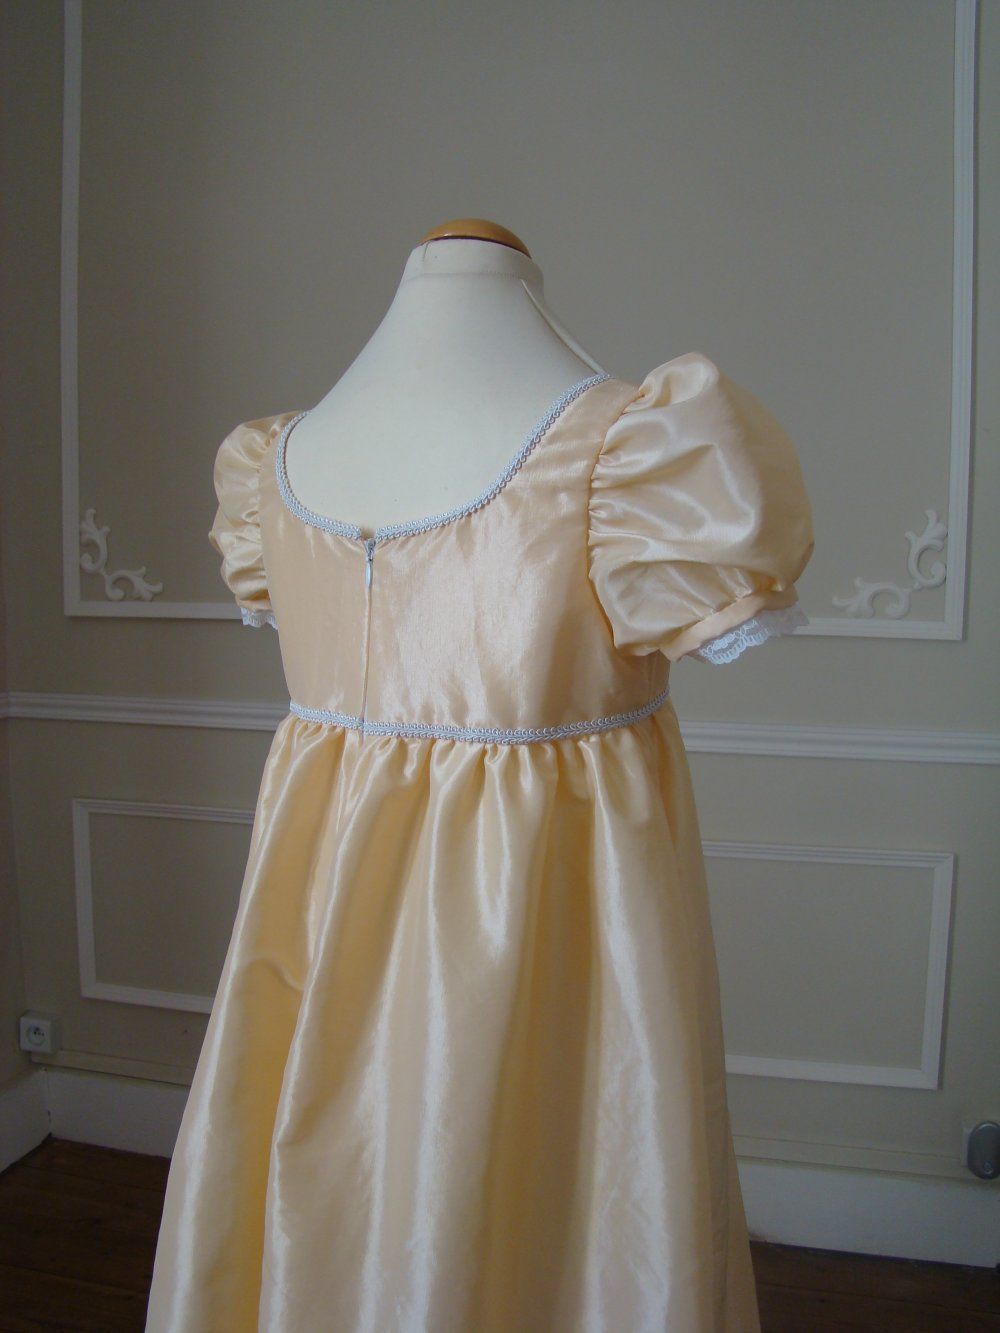 Robe Fille Style 1er Empire En Taffetas Du 7 Au 12 Ans Un Grand Marche